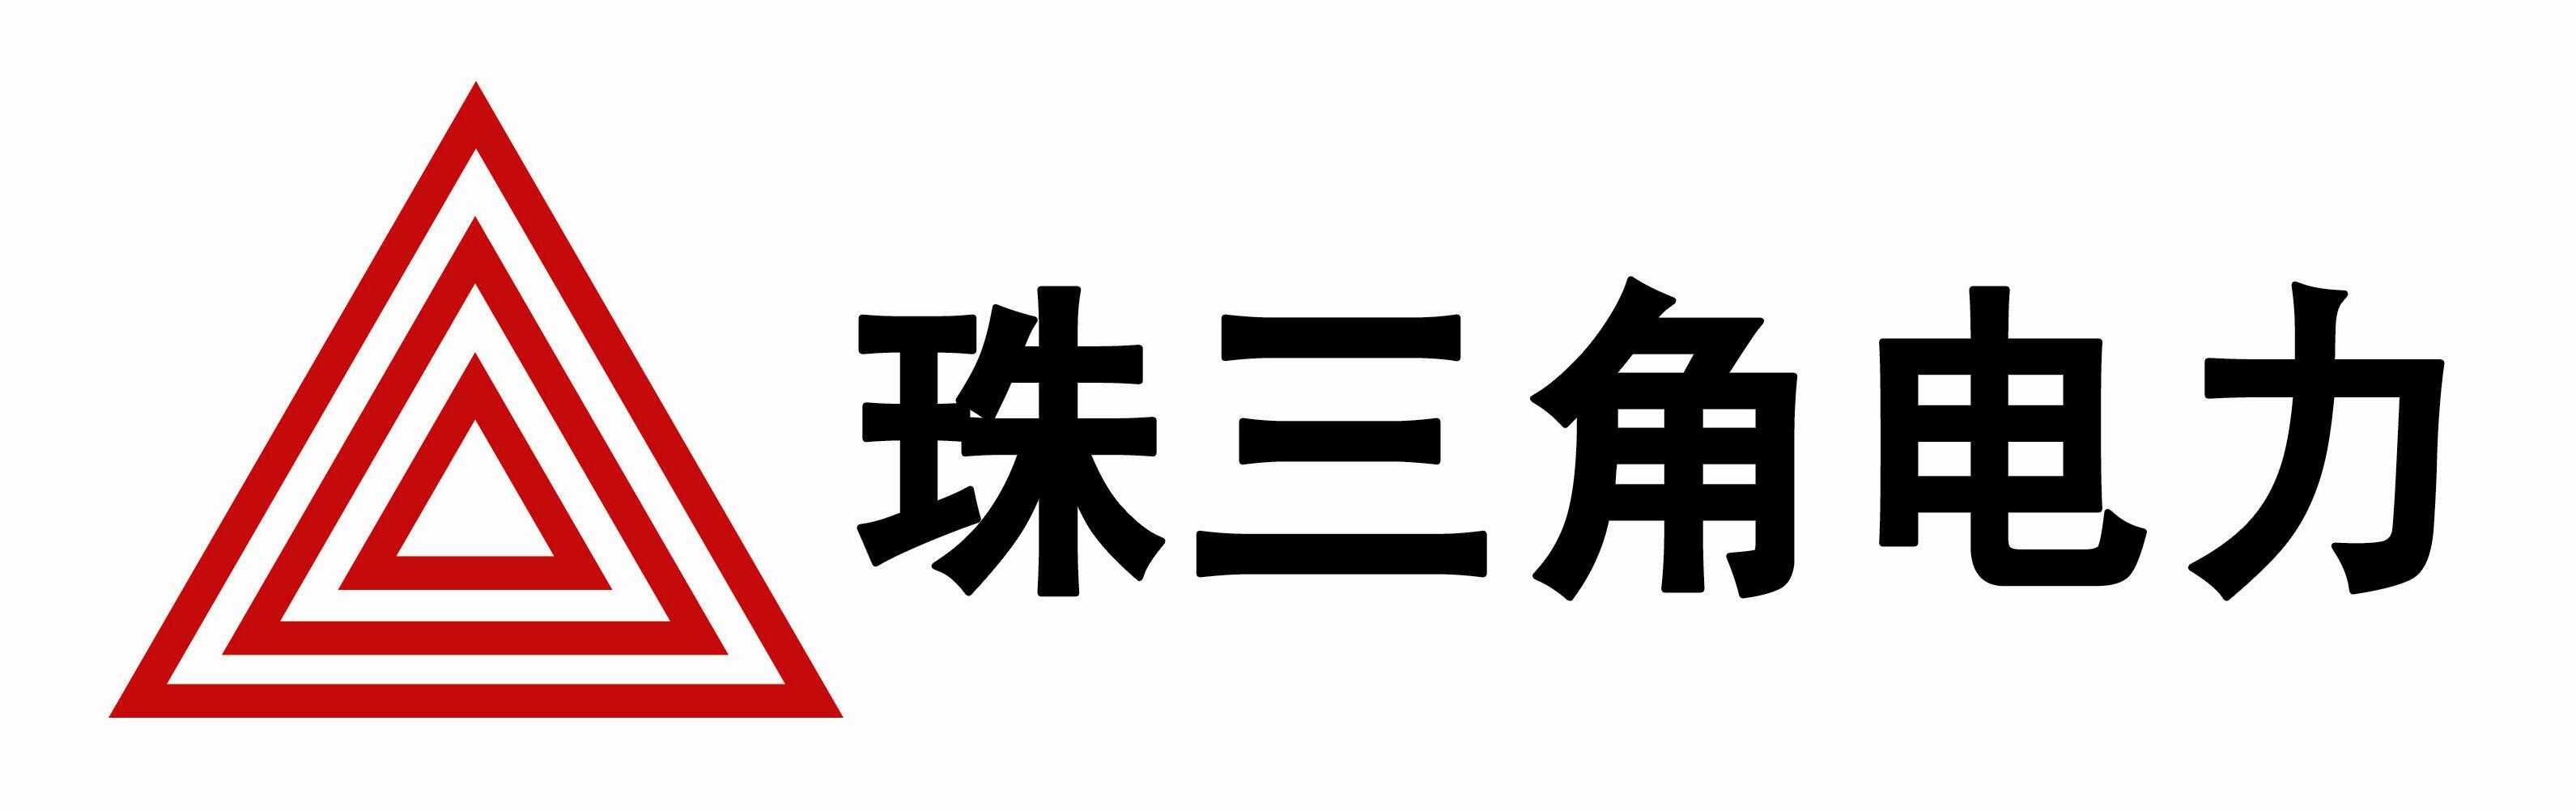 广东珠三角电力工程技术有限公司